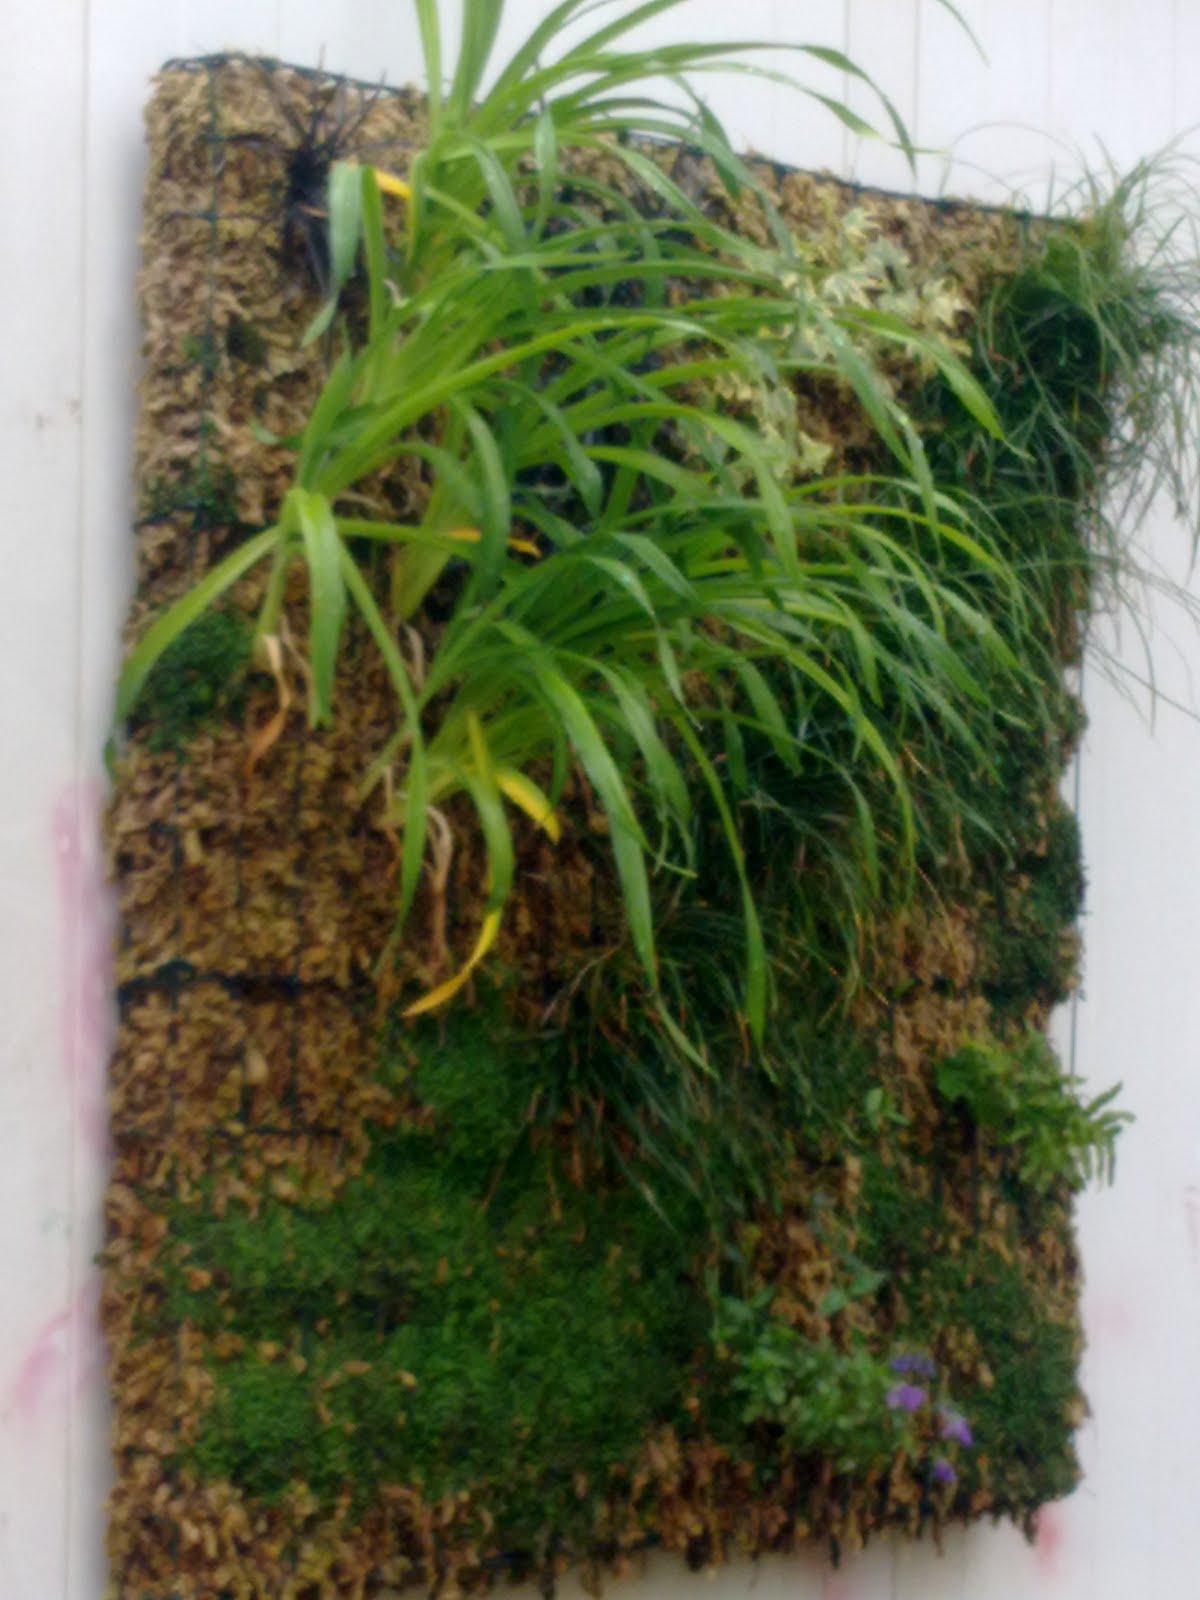 Arrels jardines verticales suministro de estructuras para for Caracteristicas de los jardines verticales